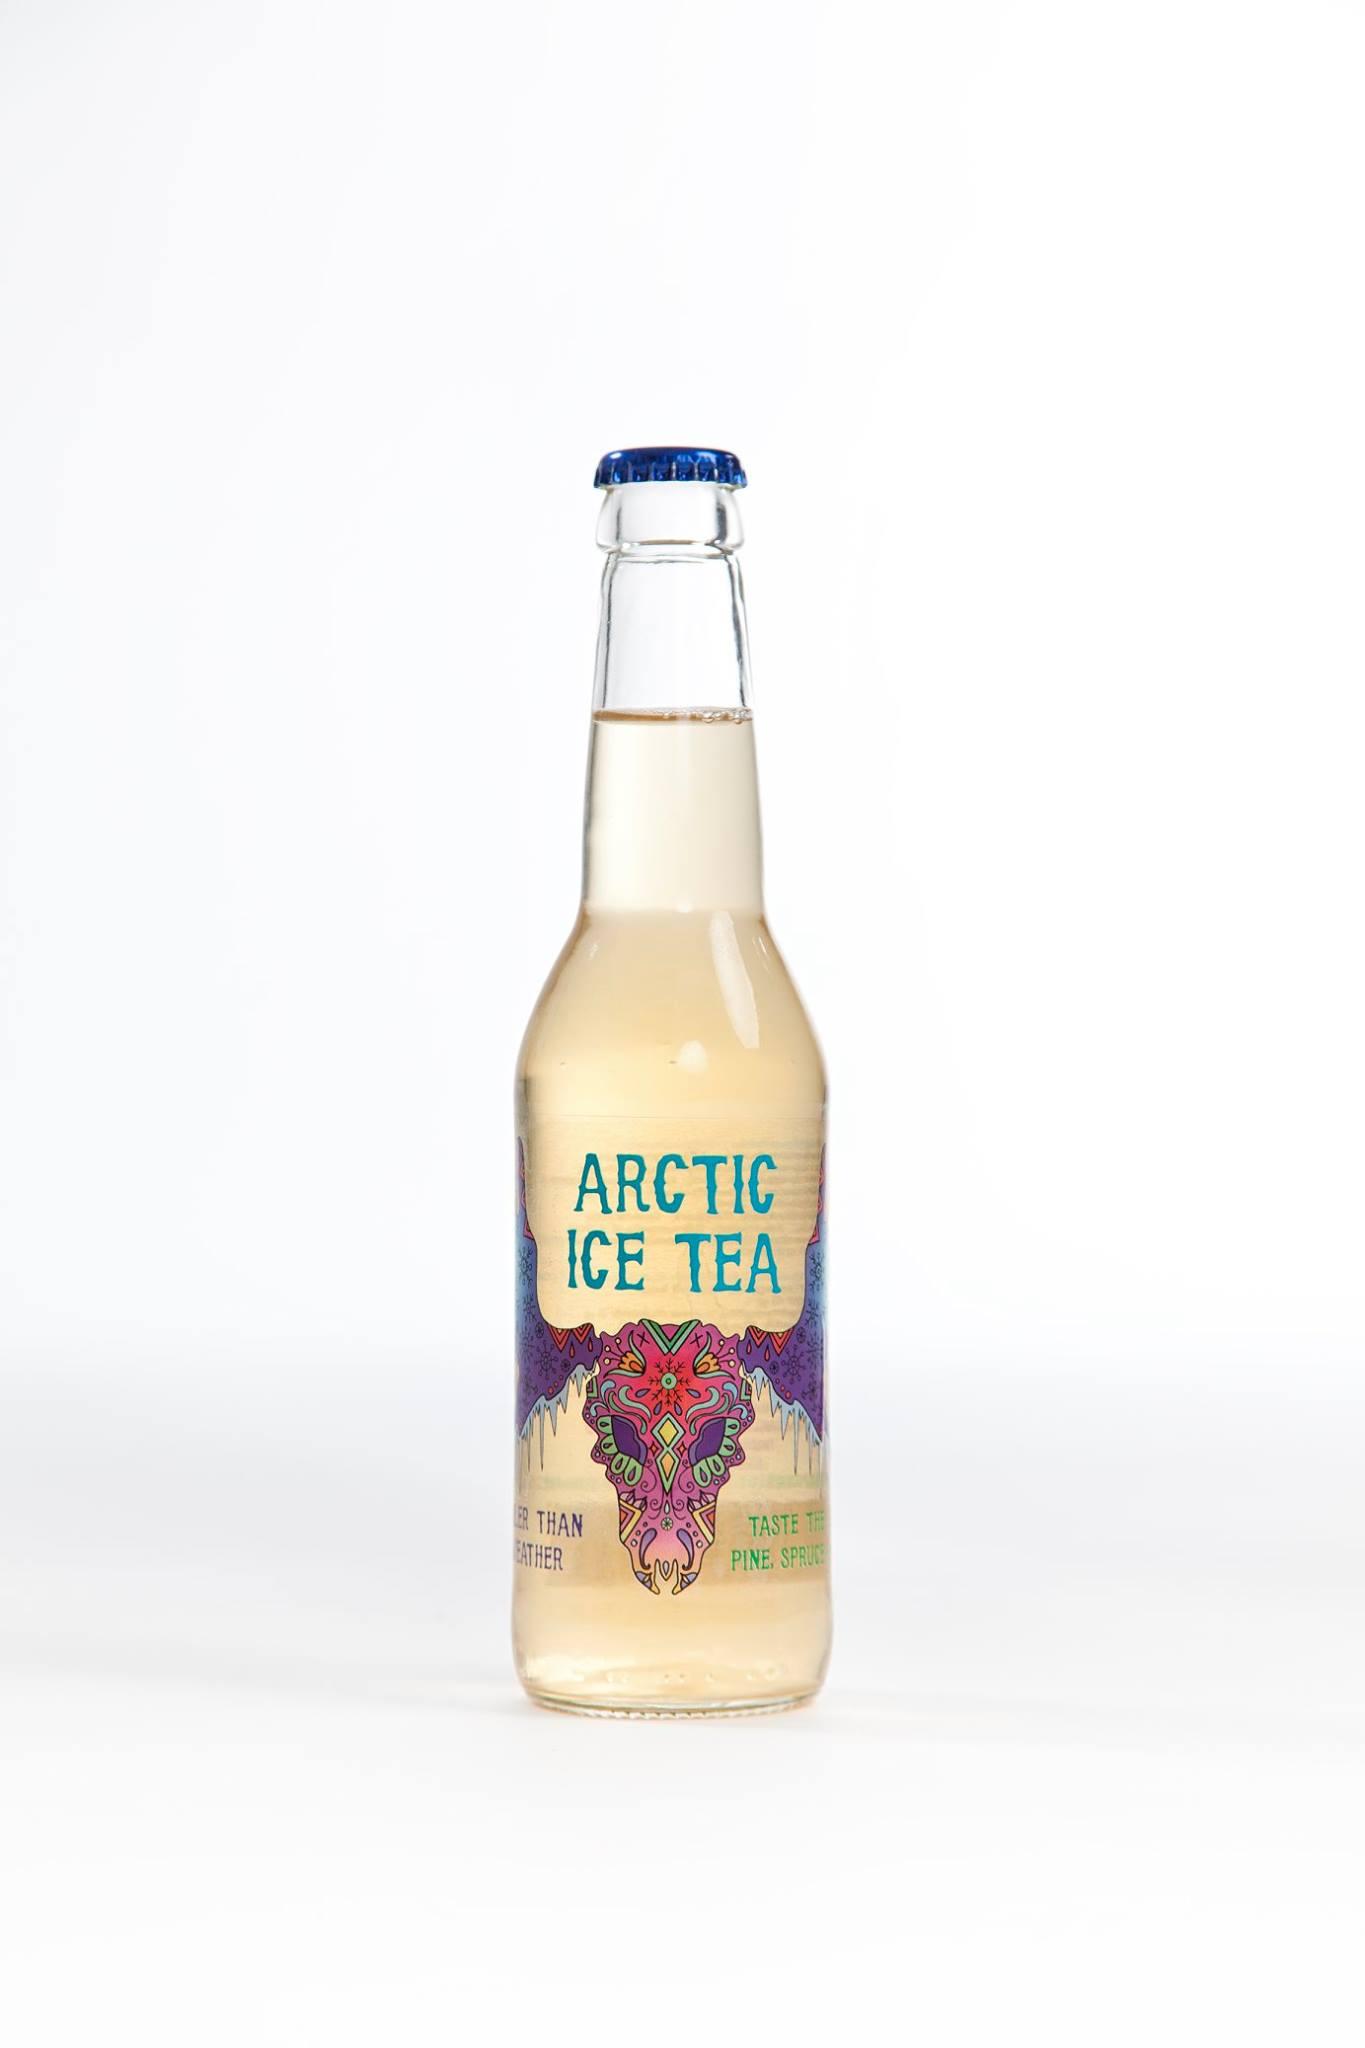 Arctic Ice Tea